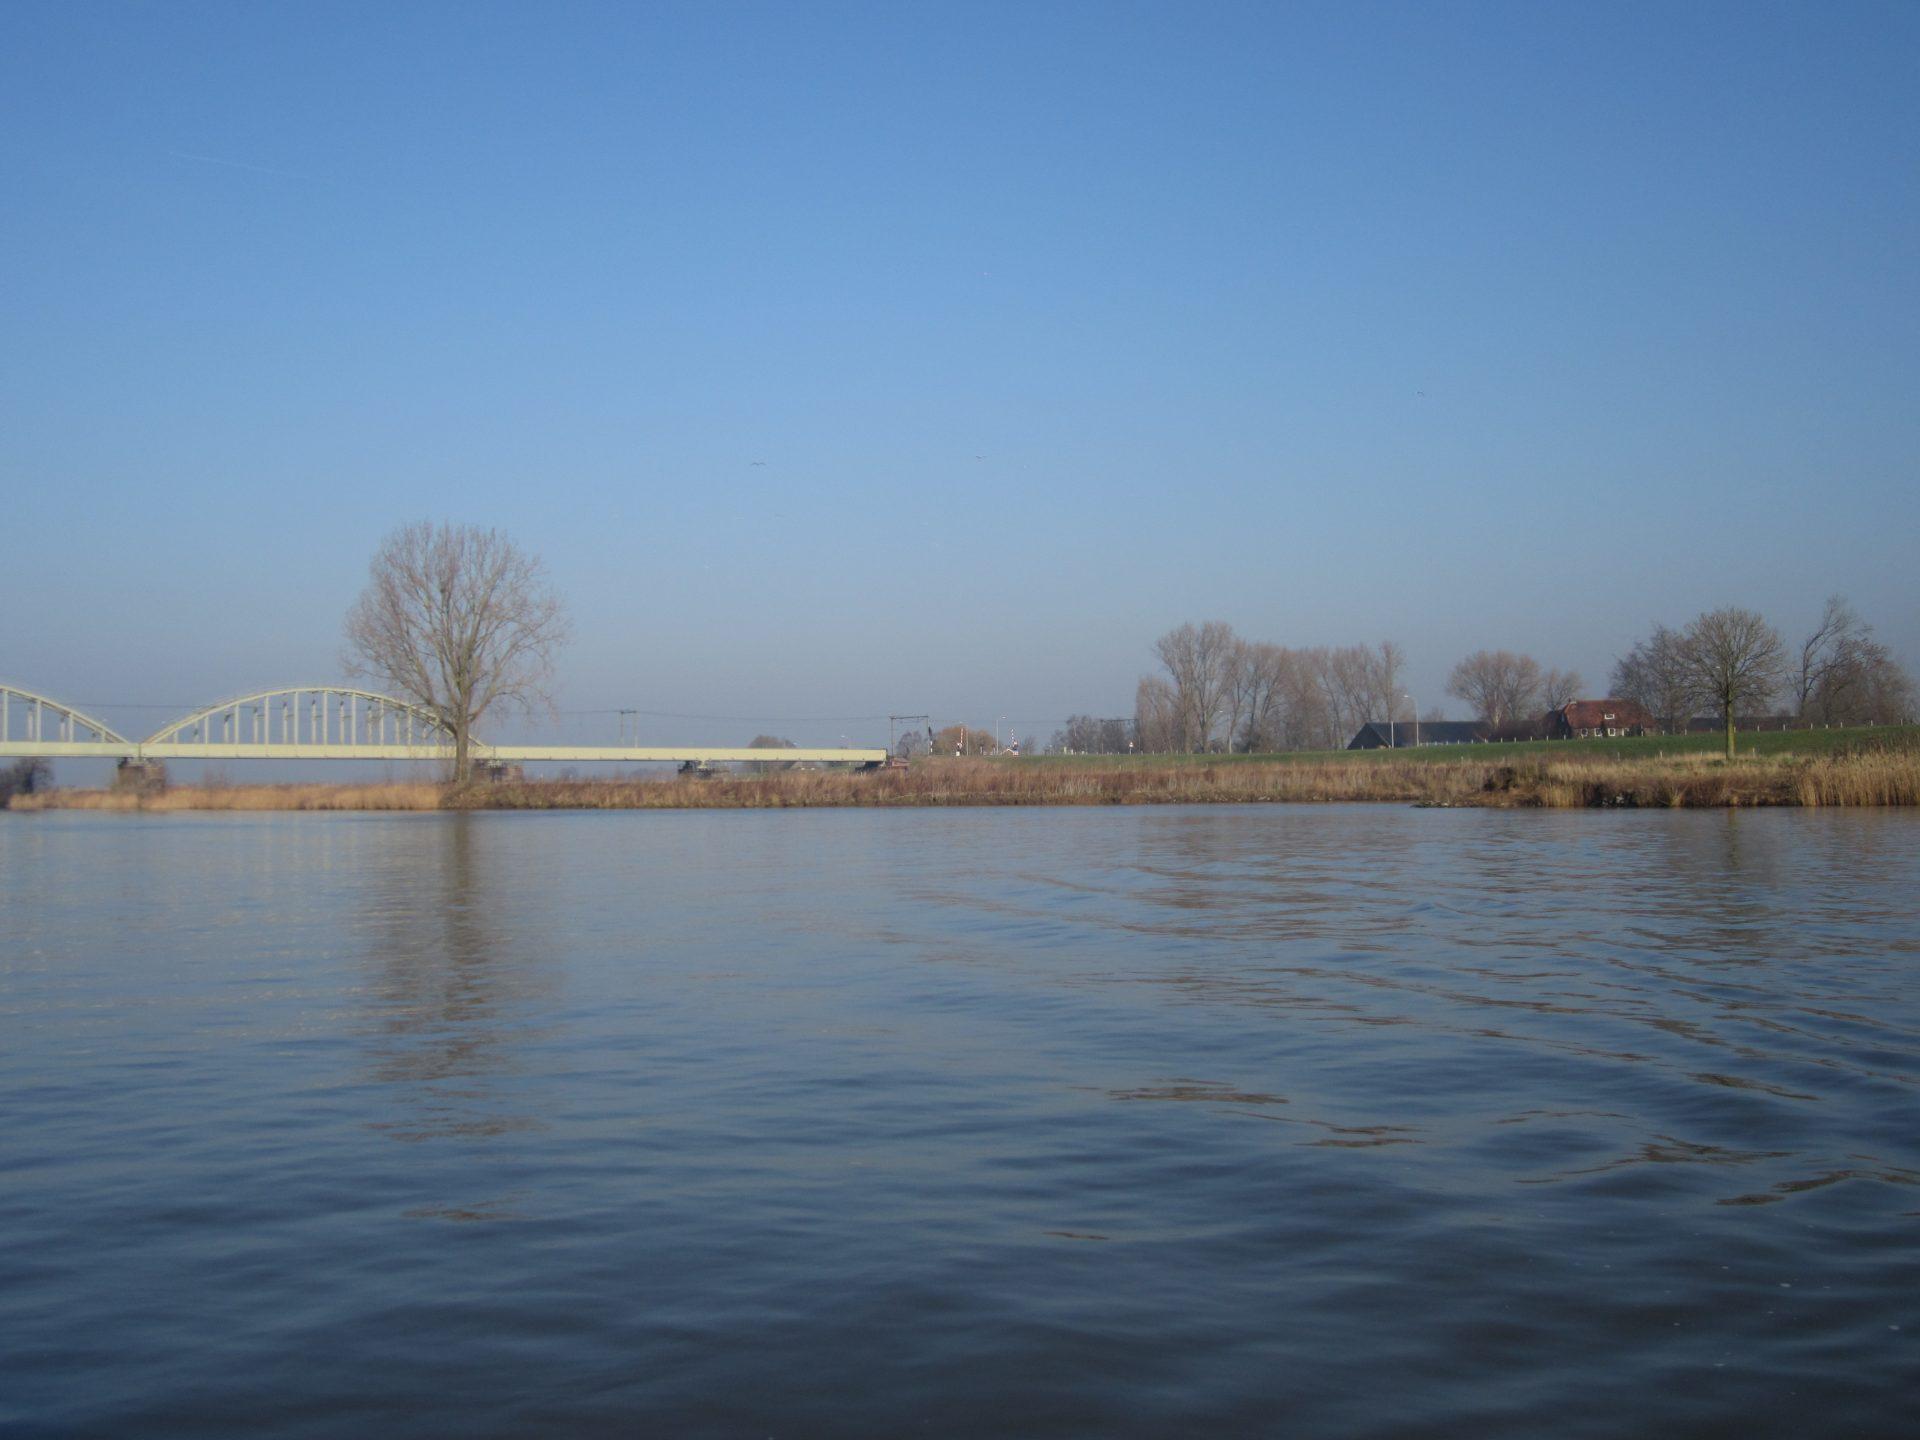 Standard river discharge measurements